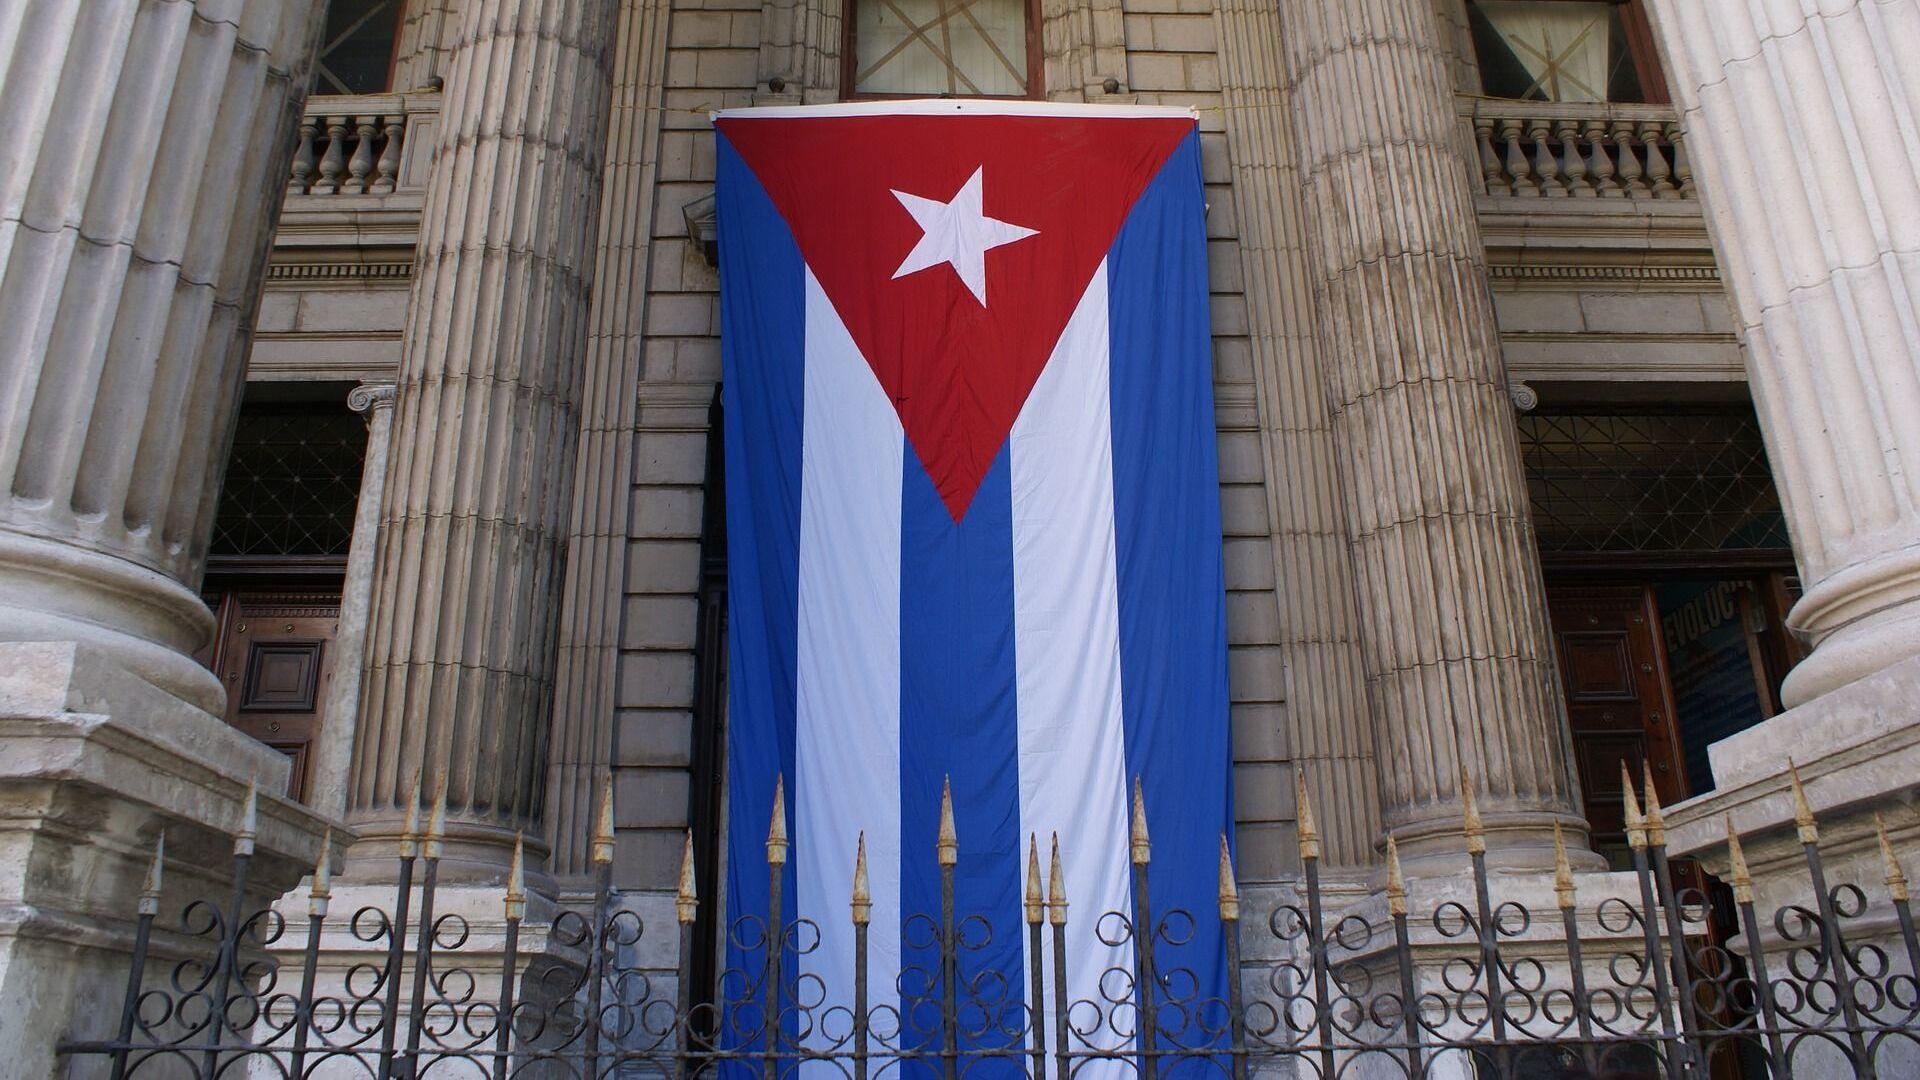 Bandera de Cuba en edificio del Ministerio de Finanzas y Precios - Sputnik Mundo, 1920, 11.03.2021